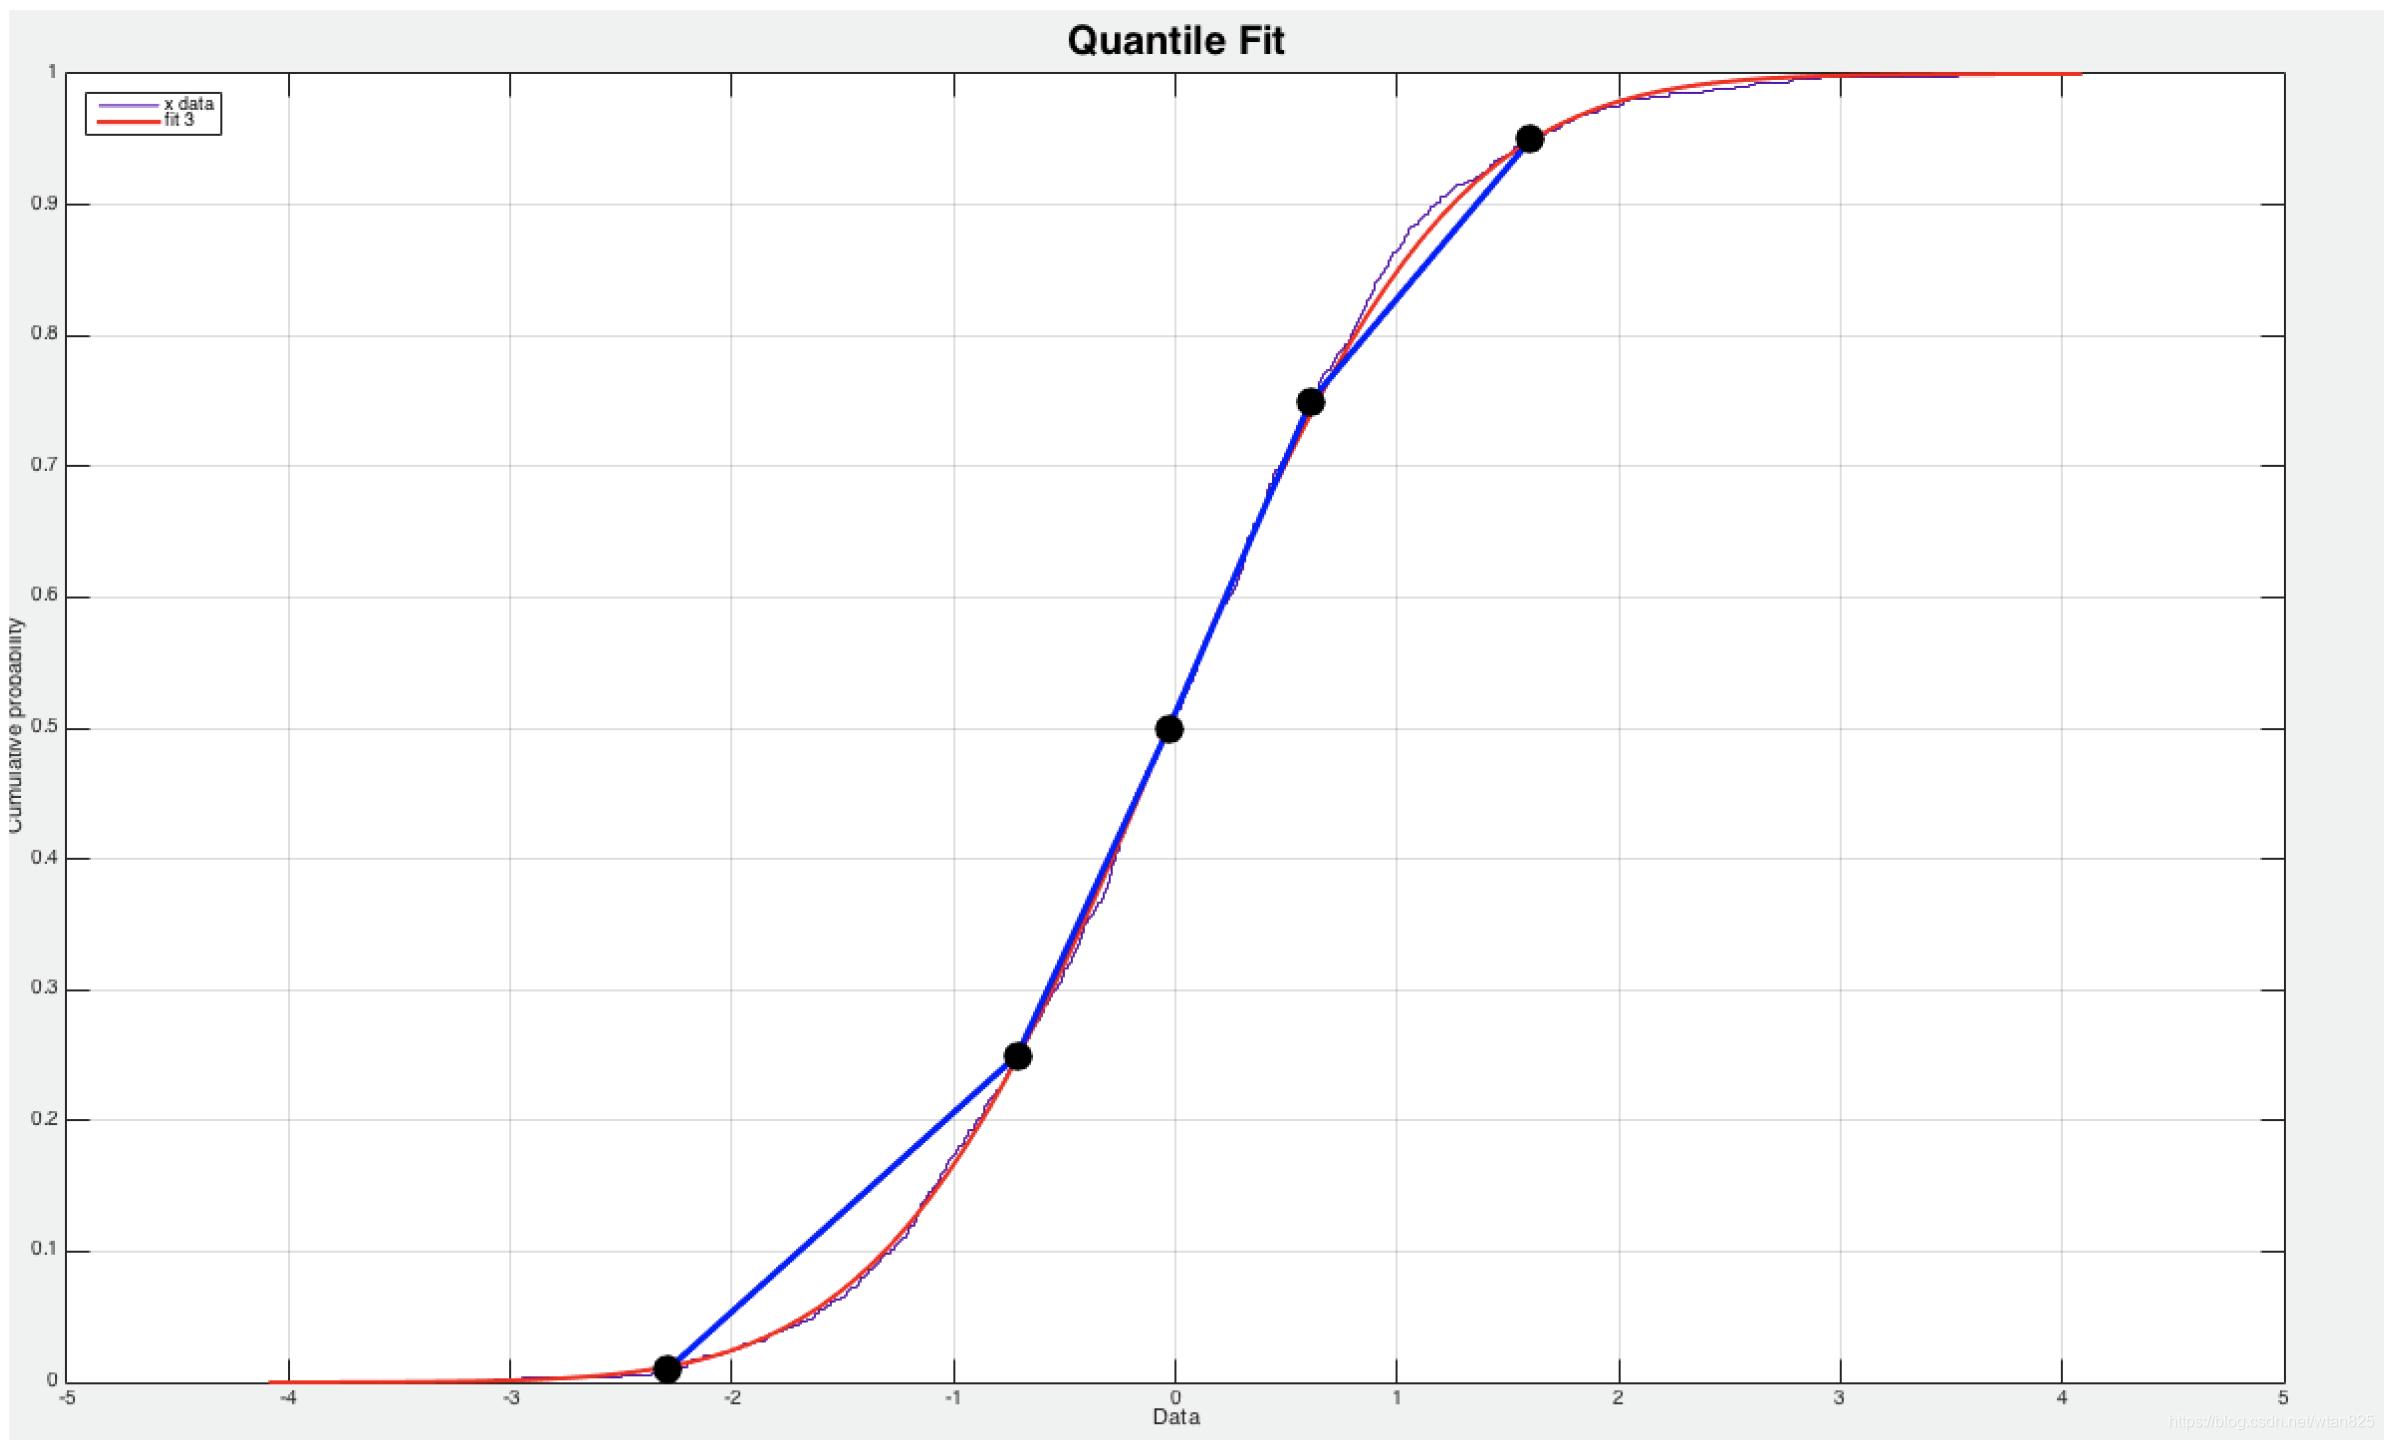 histogram_quantile 逼近正态分布